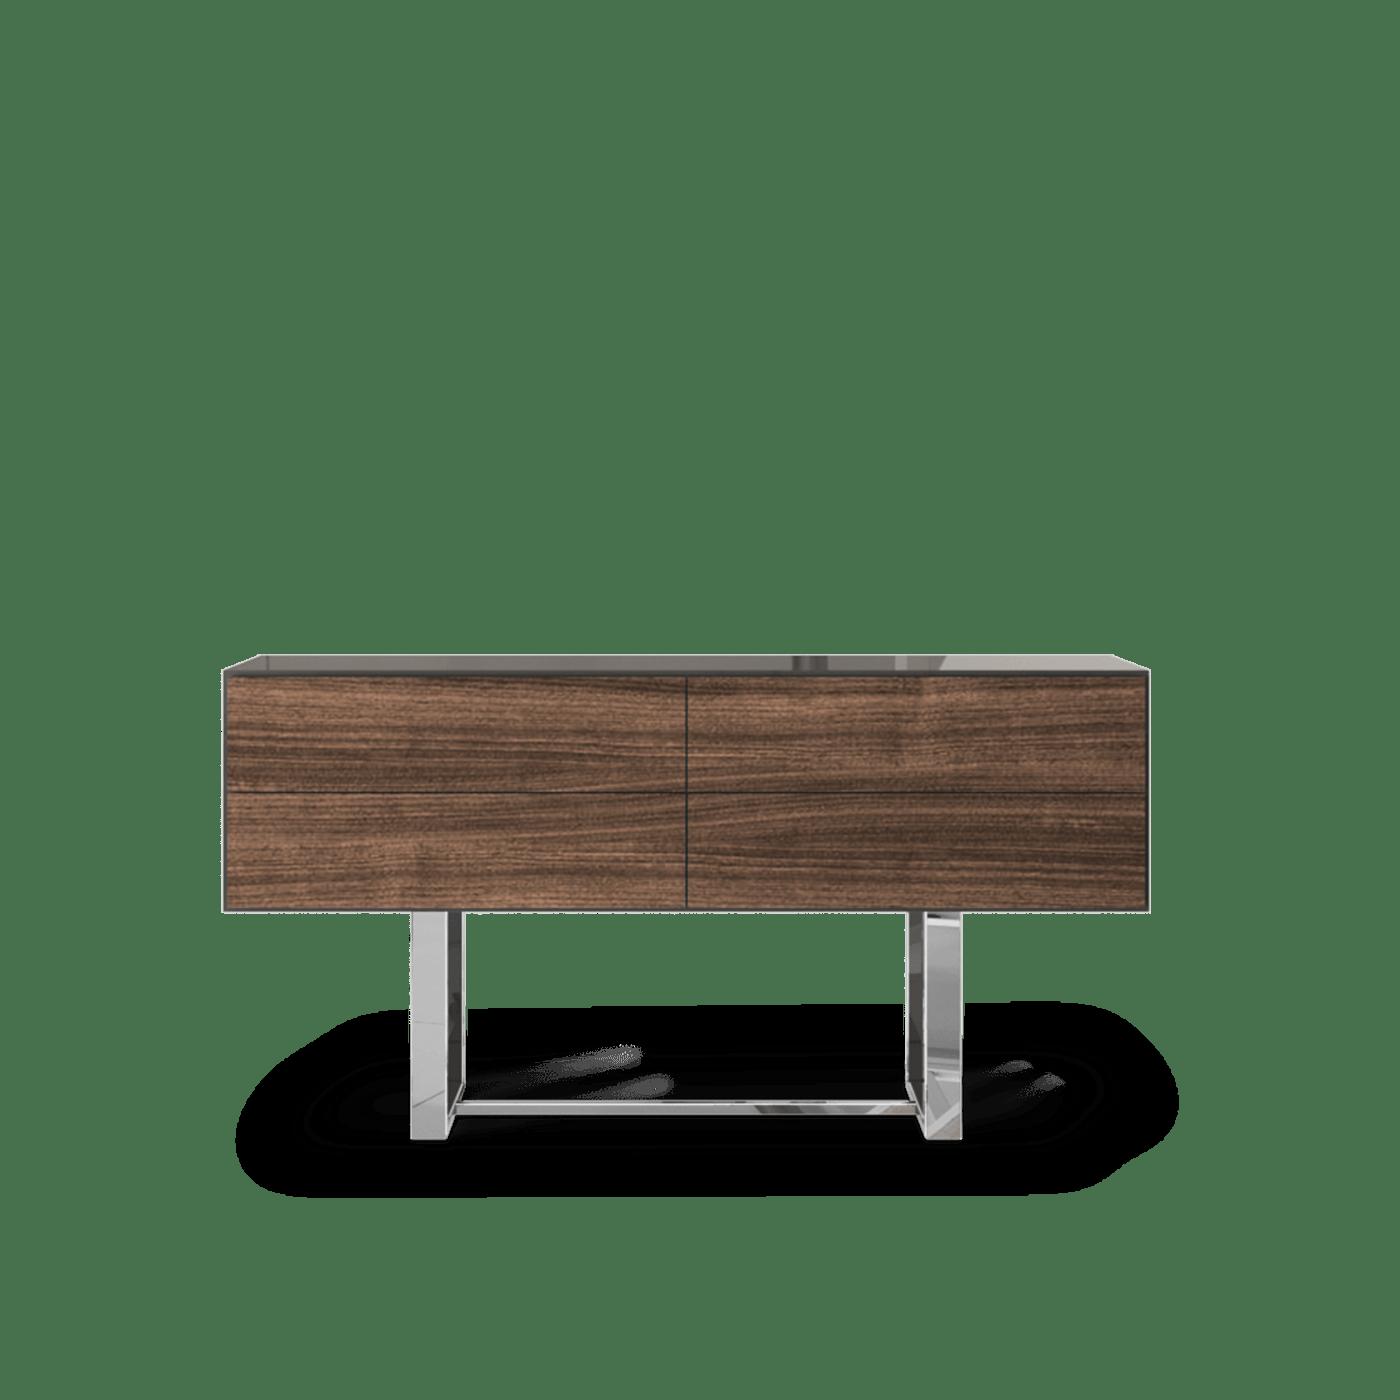 Holf 2 Console Table